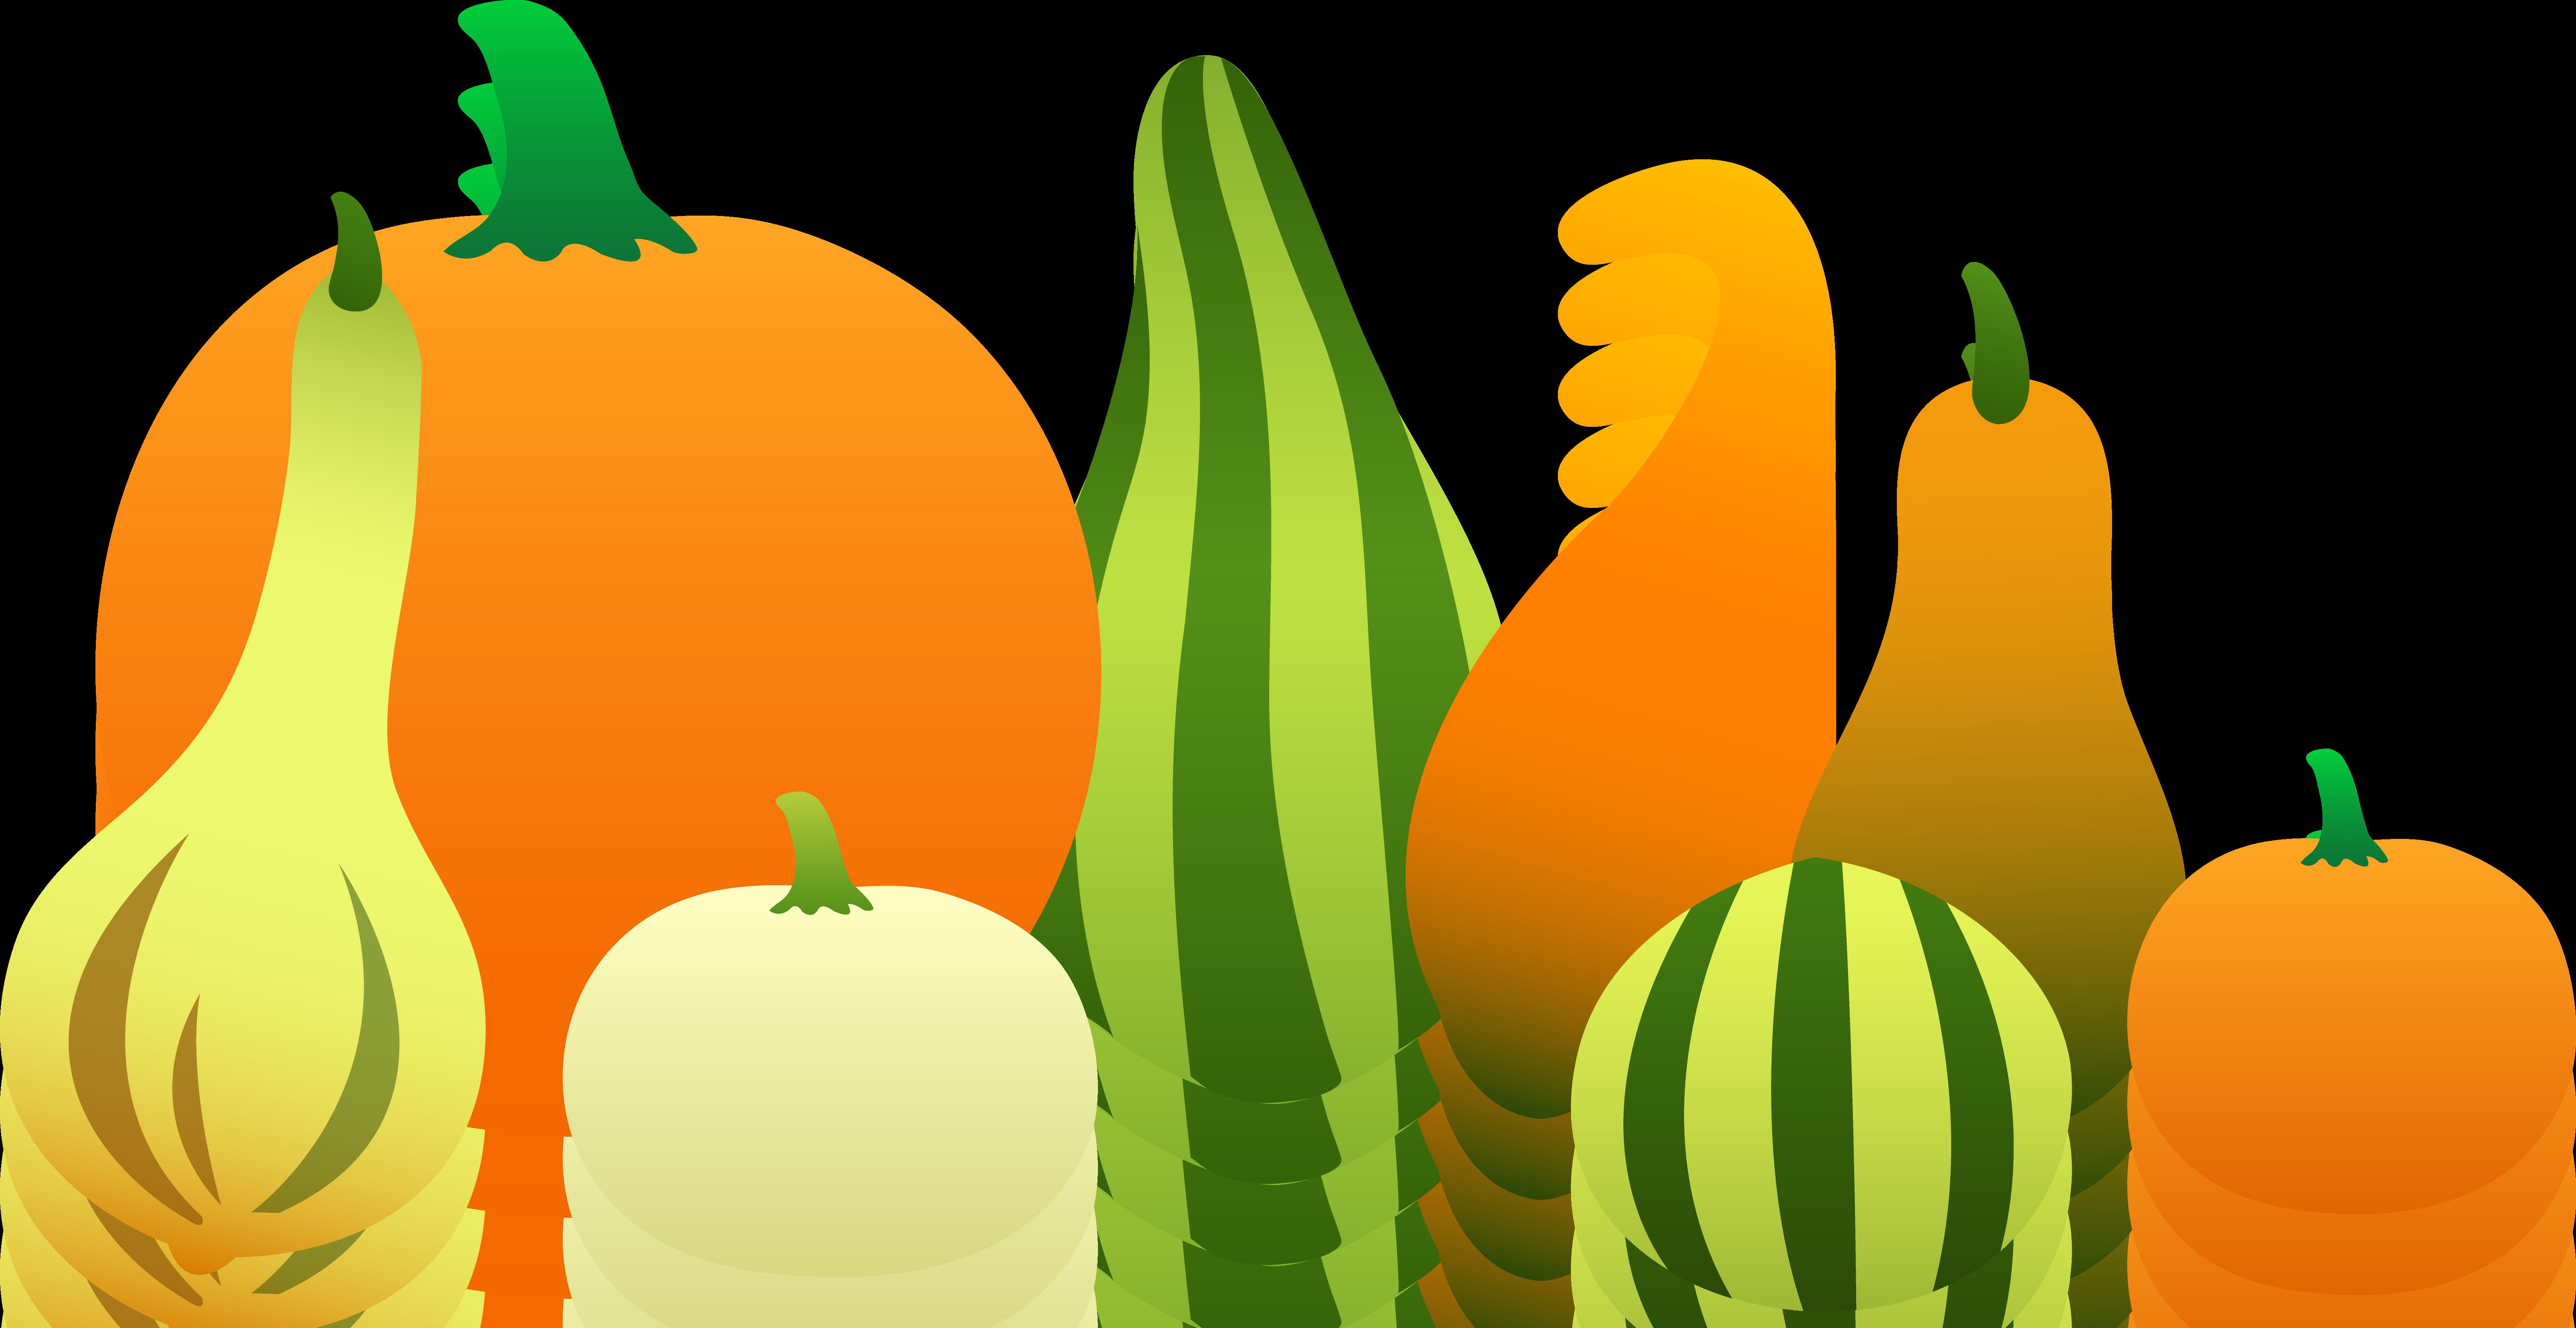 6452x3326 Thanksgiving Harvest Gourds